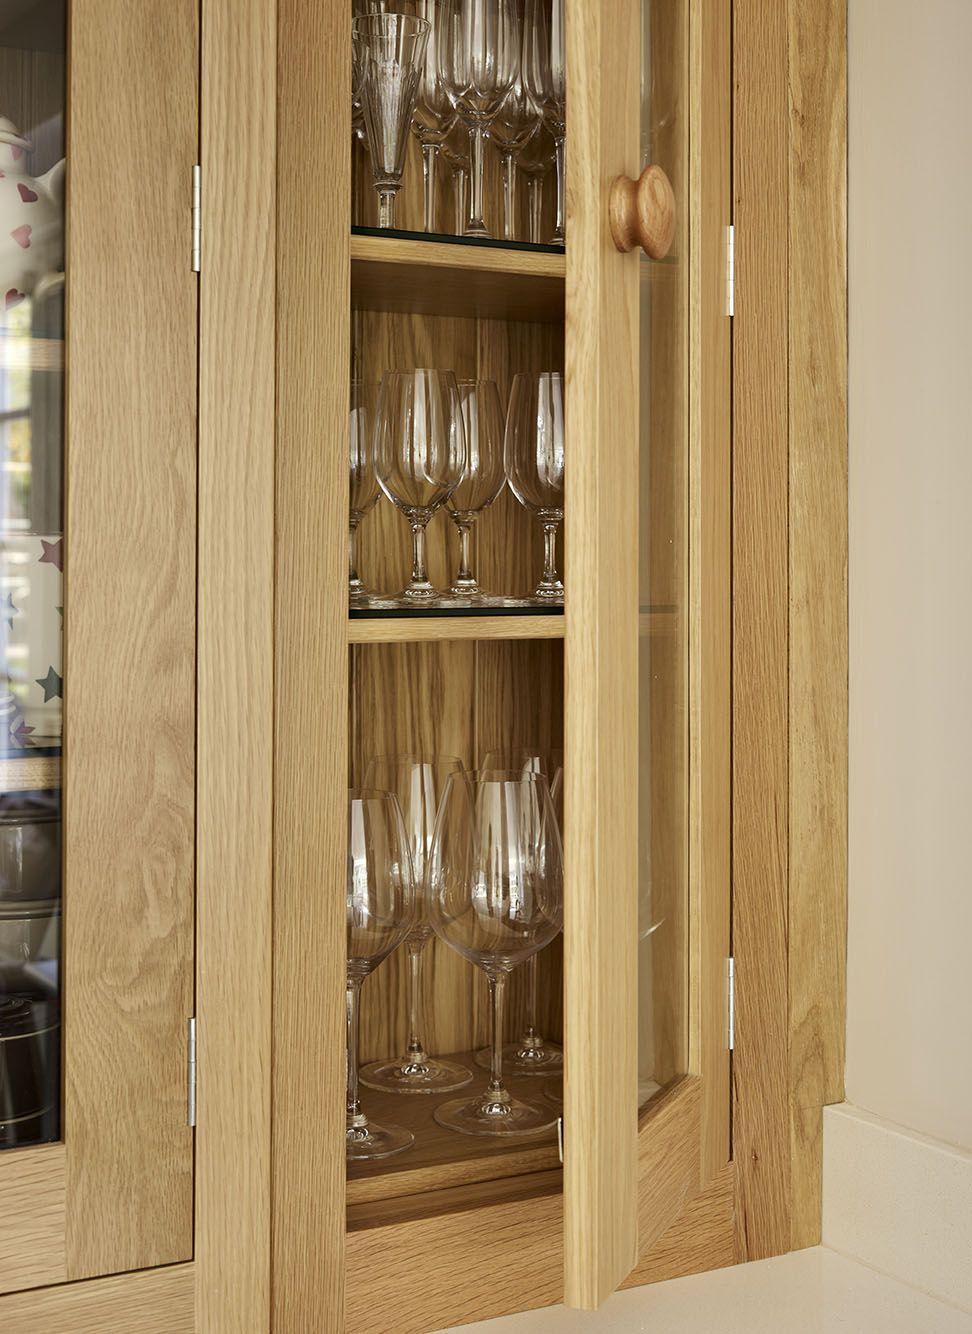 An oak Shaker kitchen, featuring glazed cabinets. # ...